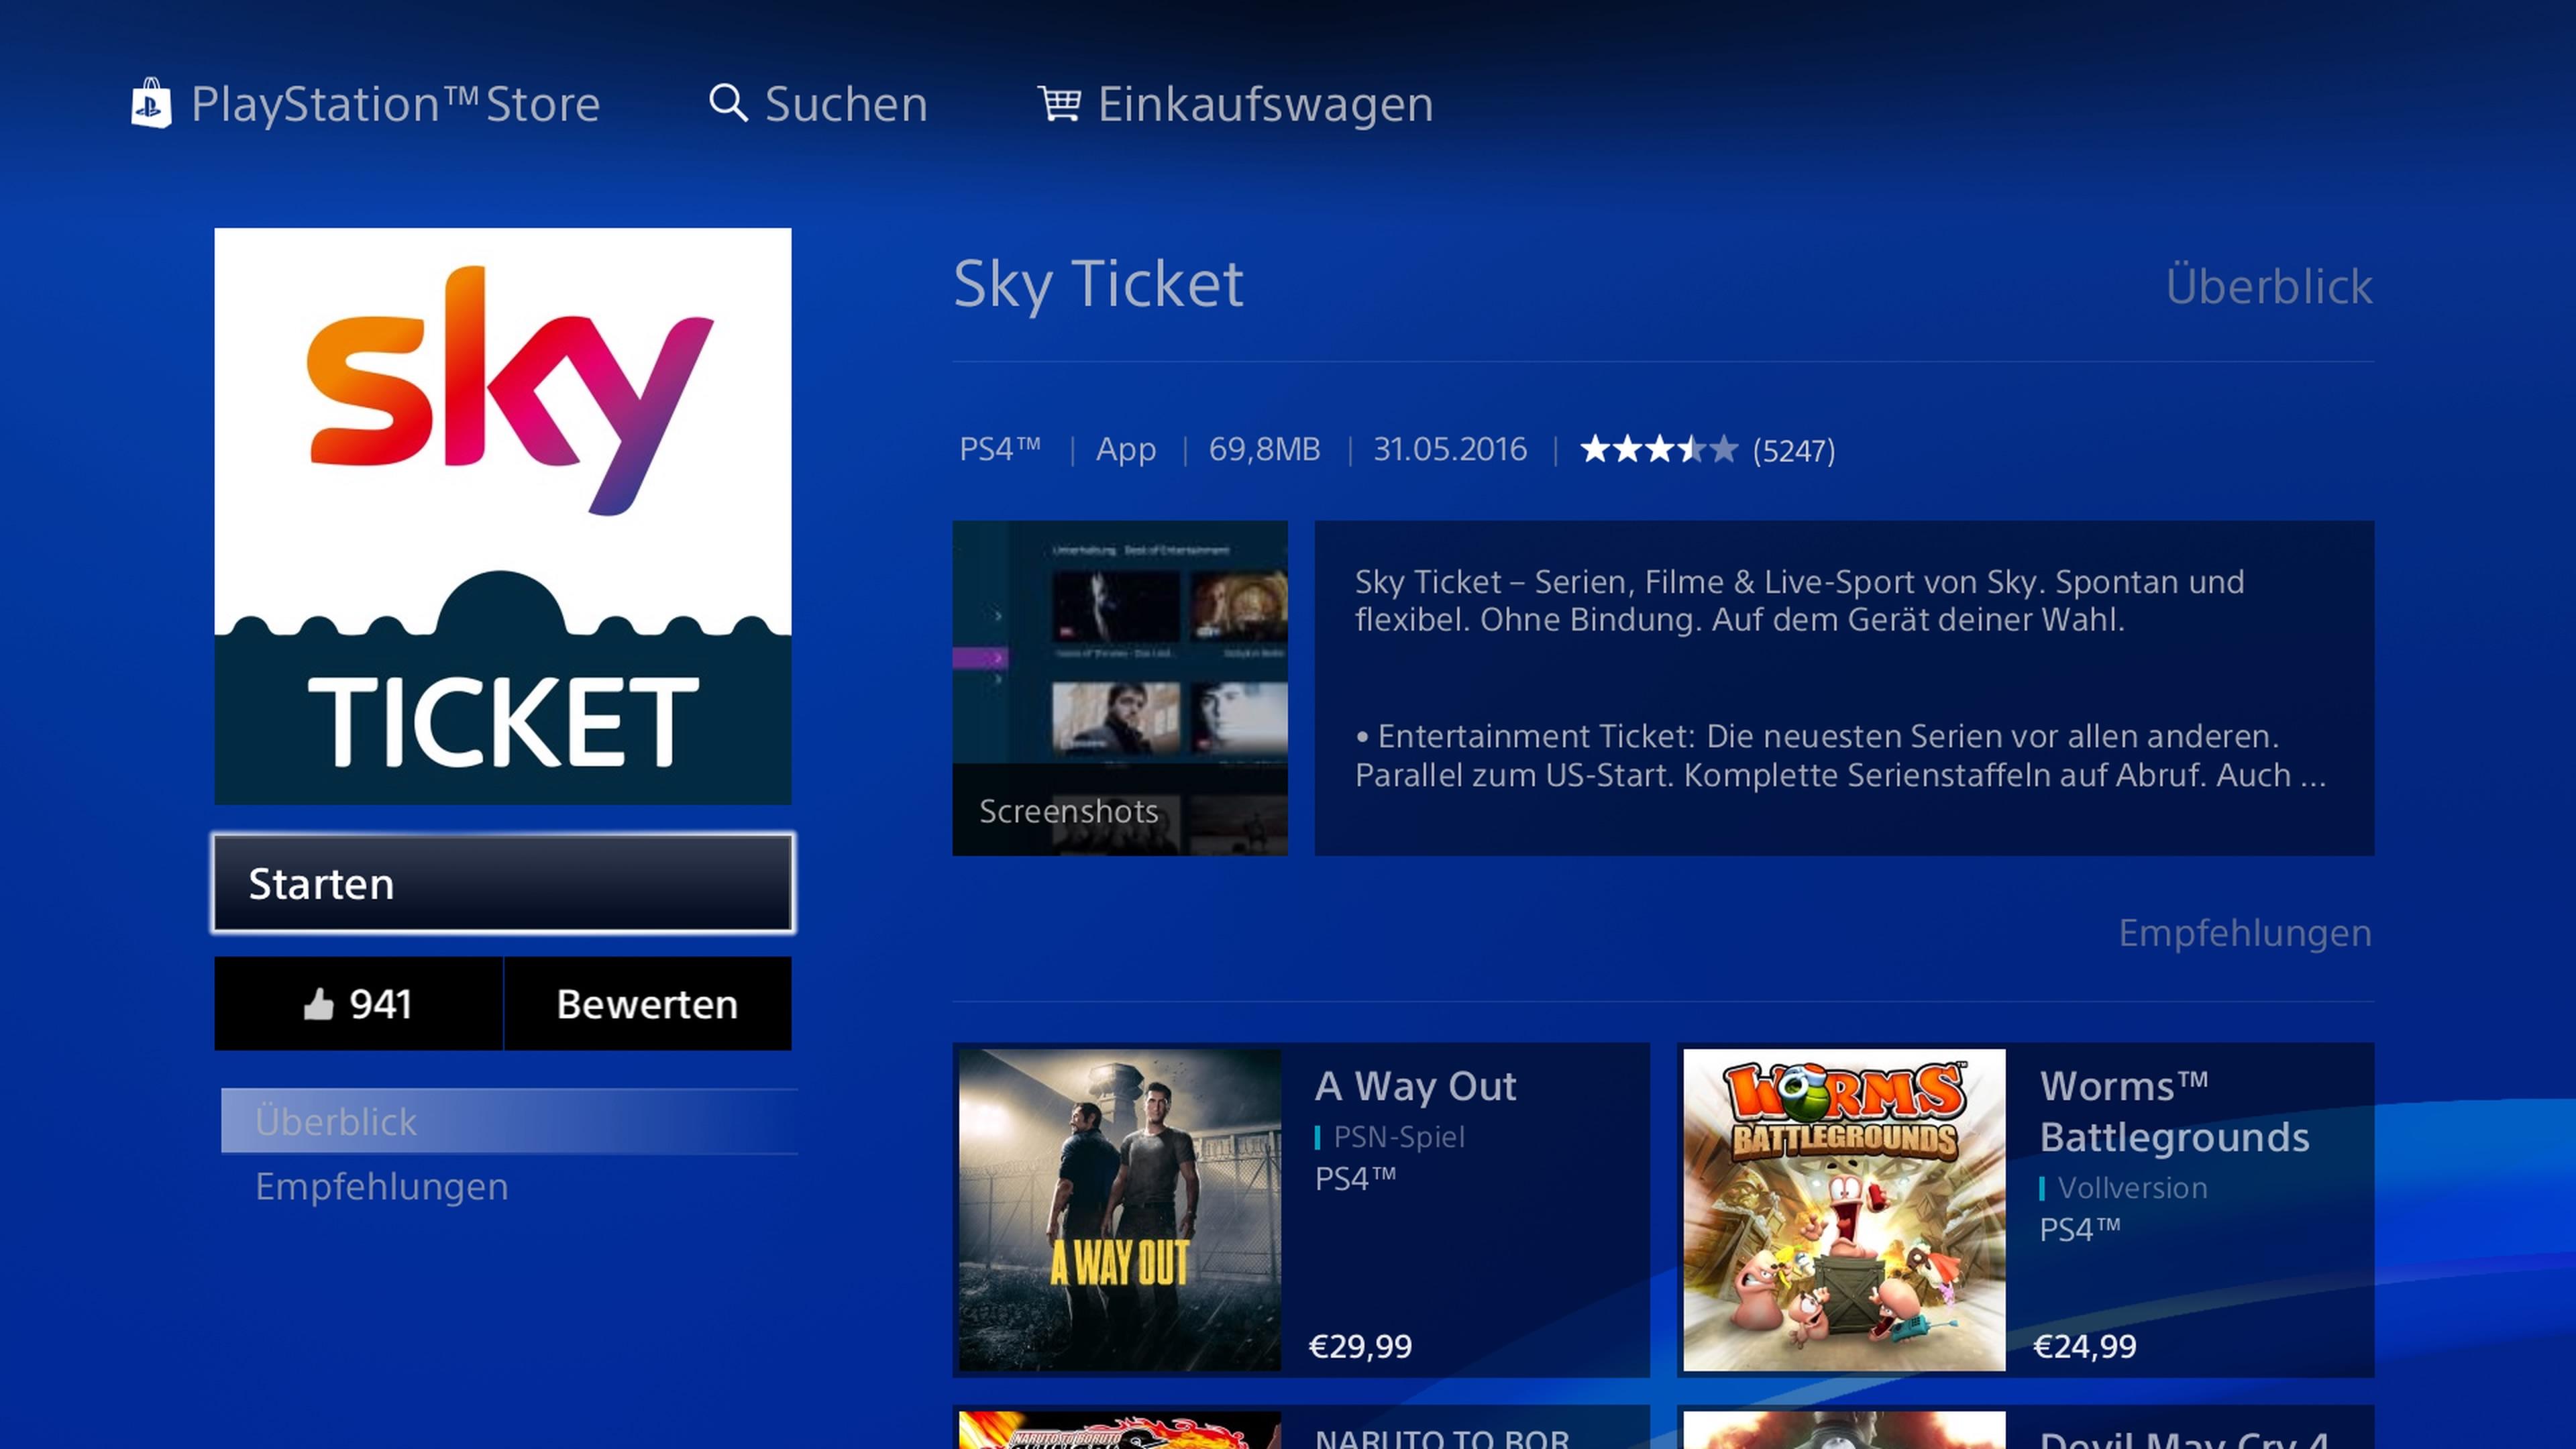 Skyticket/Playstation